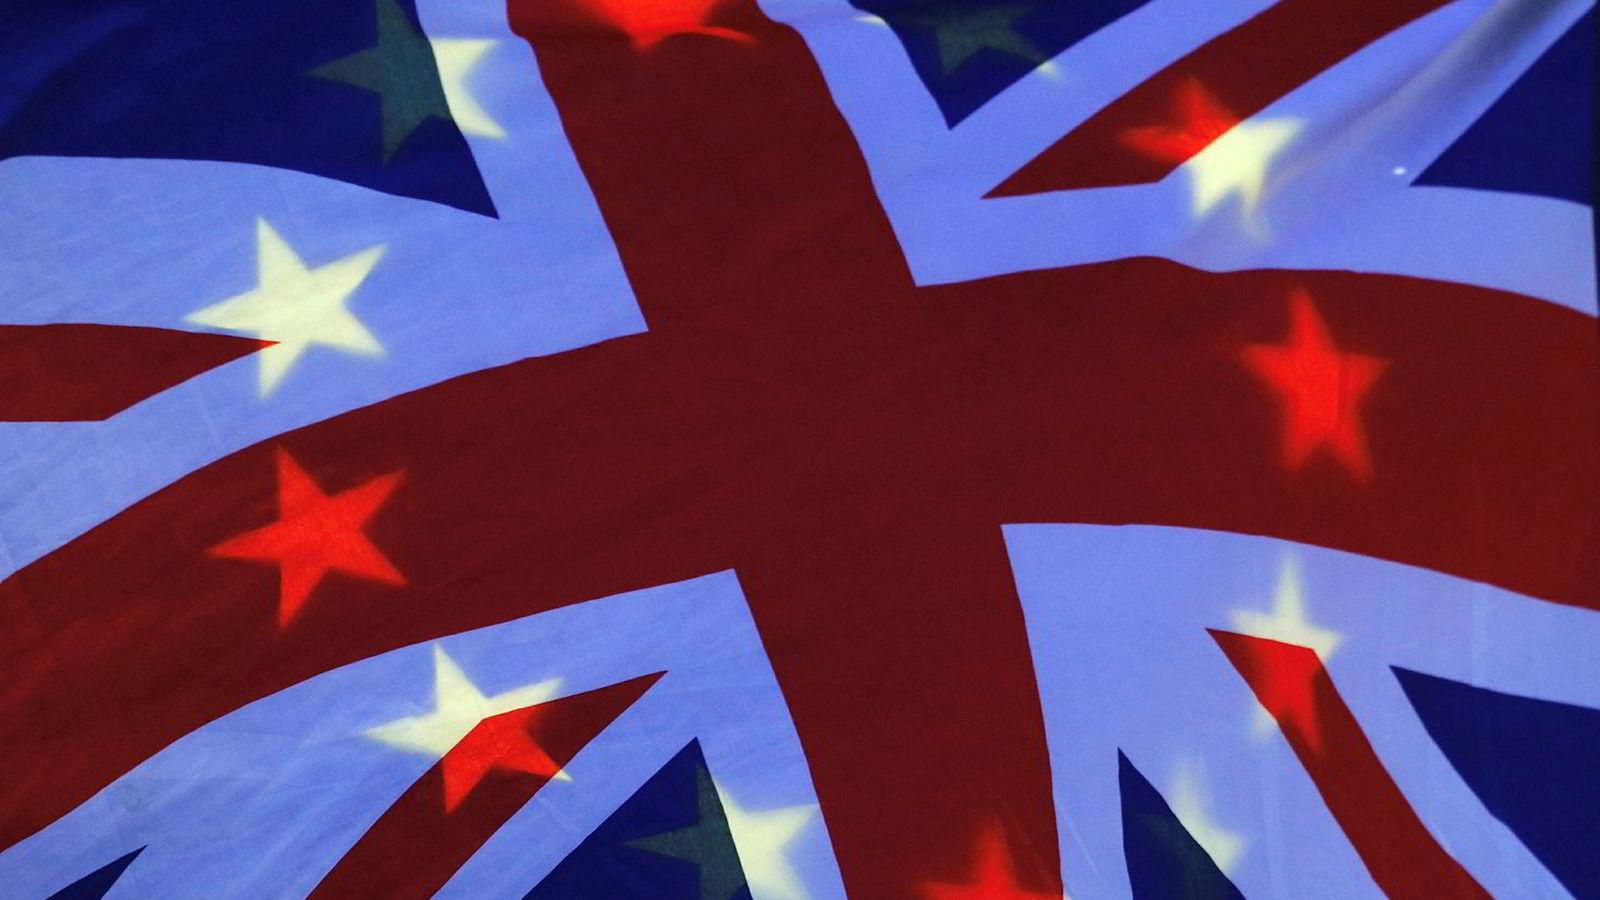 Fortsatt stor usikkerhet om hva som skjer mellom EU og Storbritannia.